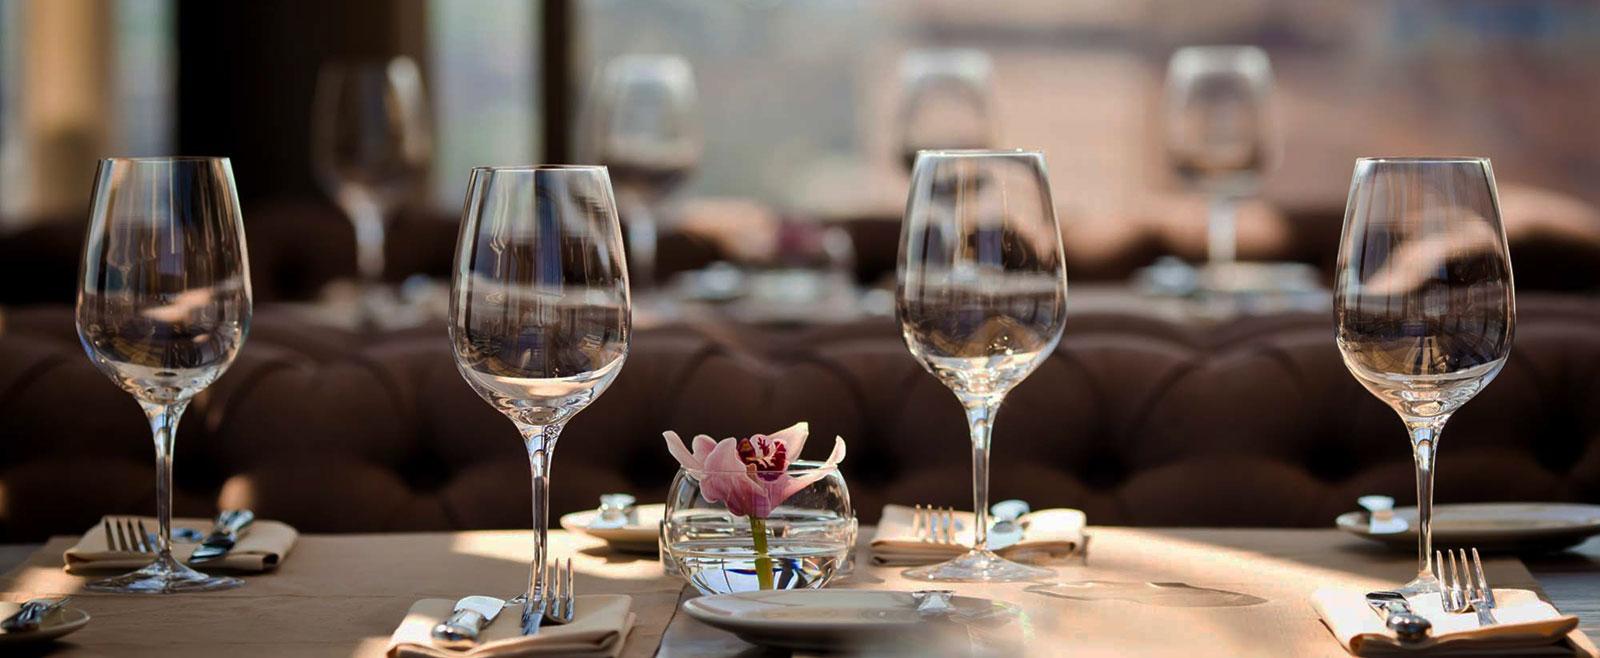 restoranid_kohvikud_söögikohad_tallinnas